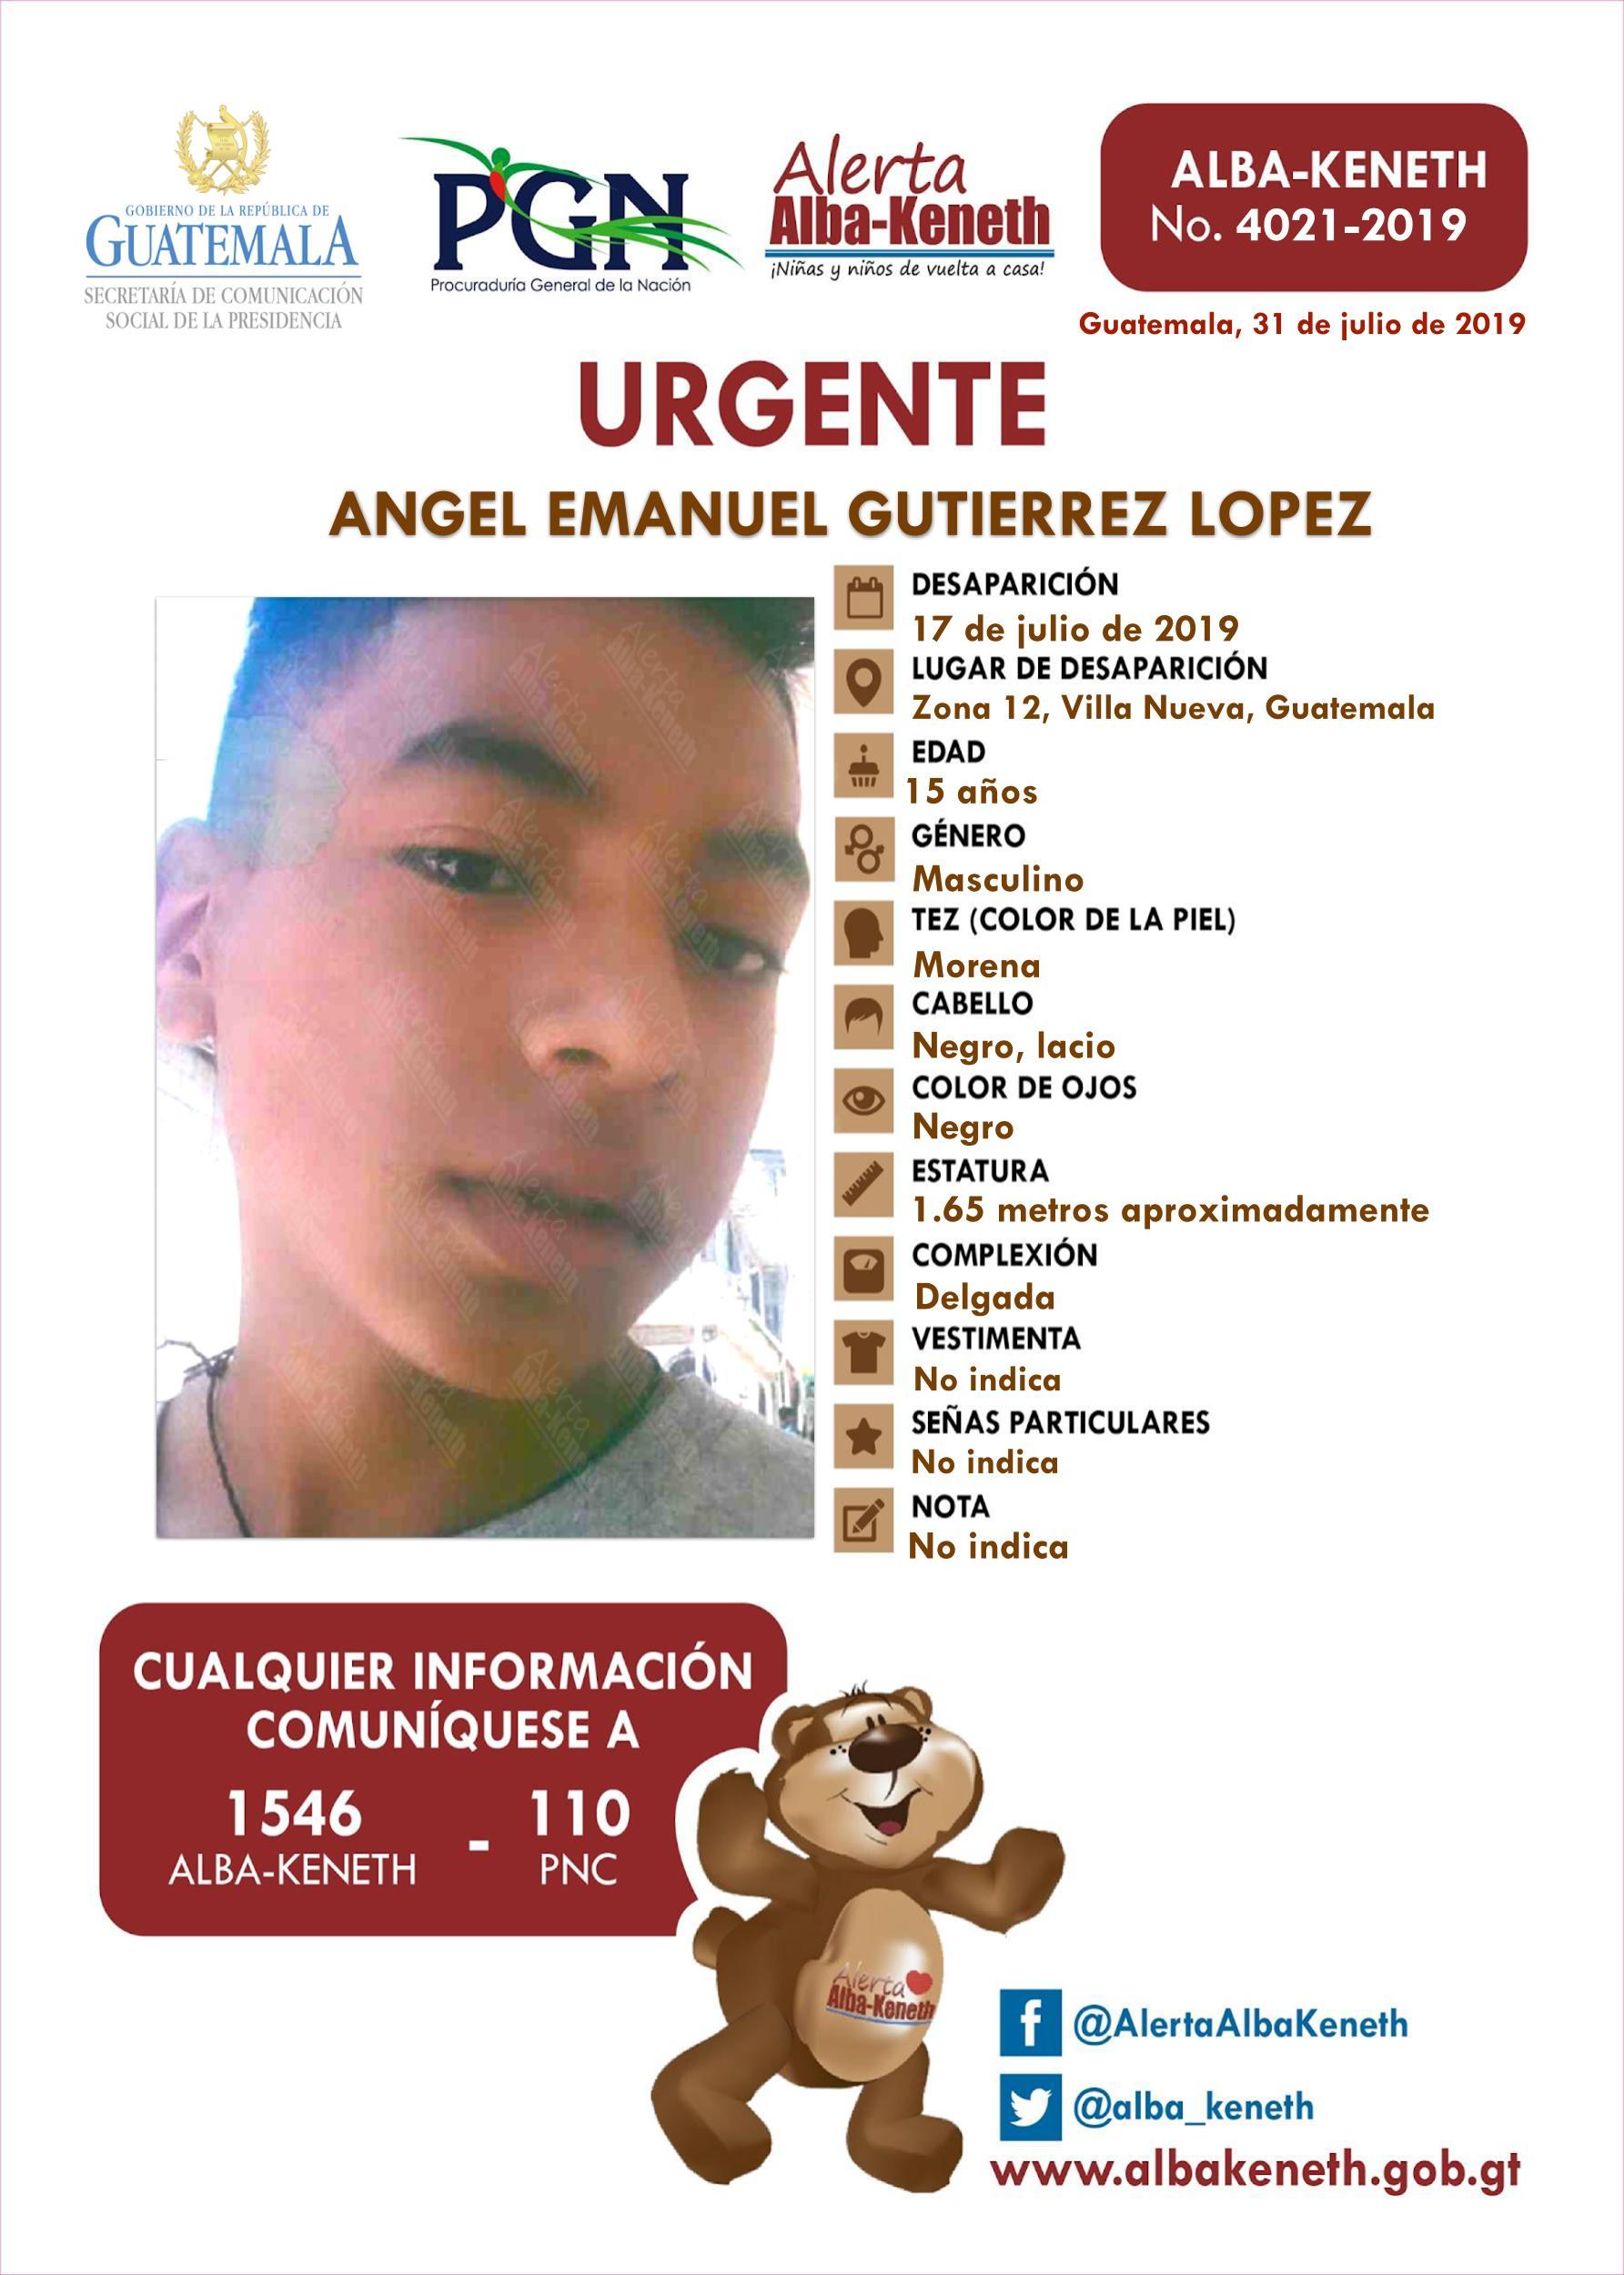 Angel Emanuel Gutierrez Lopez